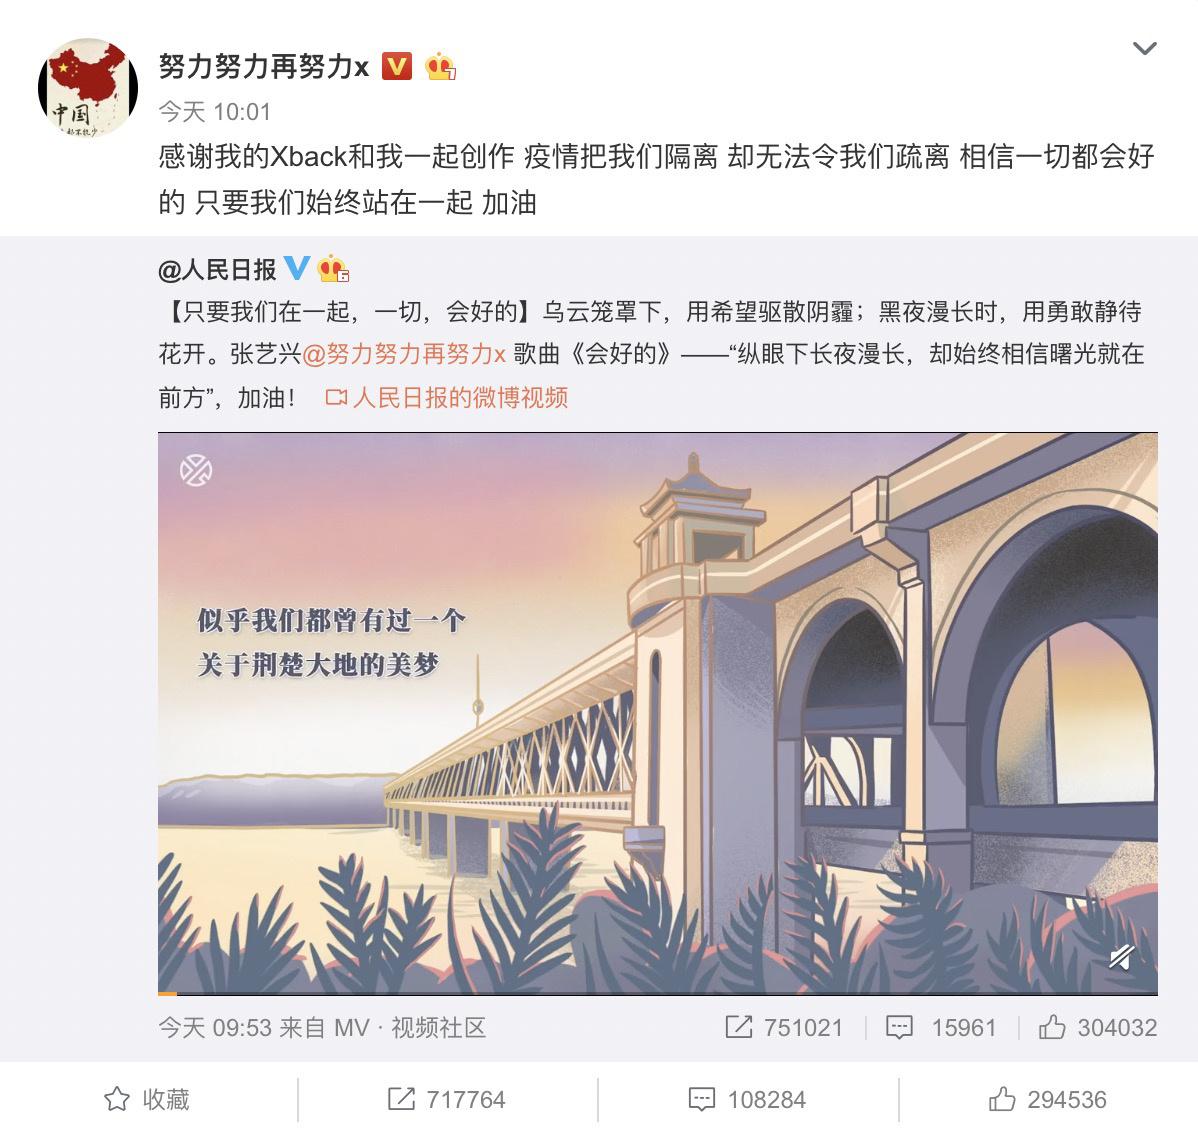 陈小恩:张艺兴发布公益歌曲《会好的》 粉丝共同参与创作